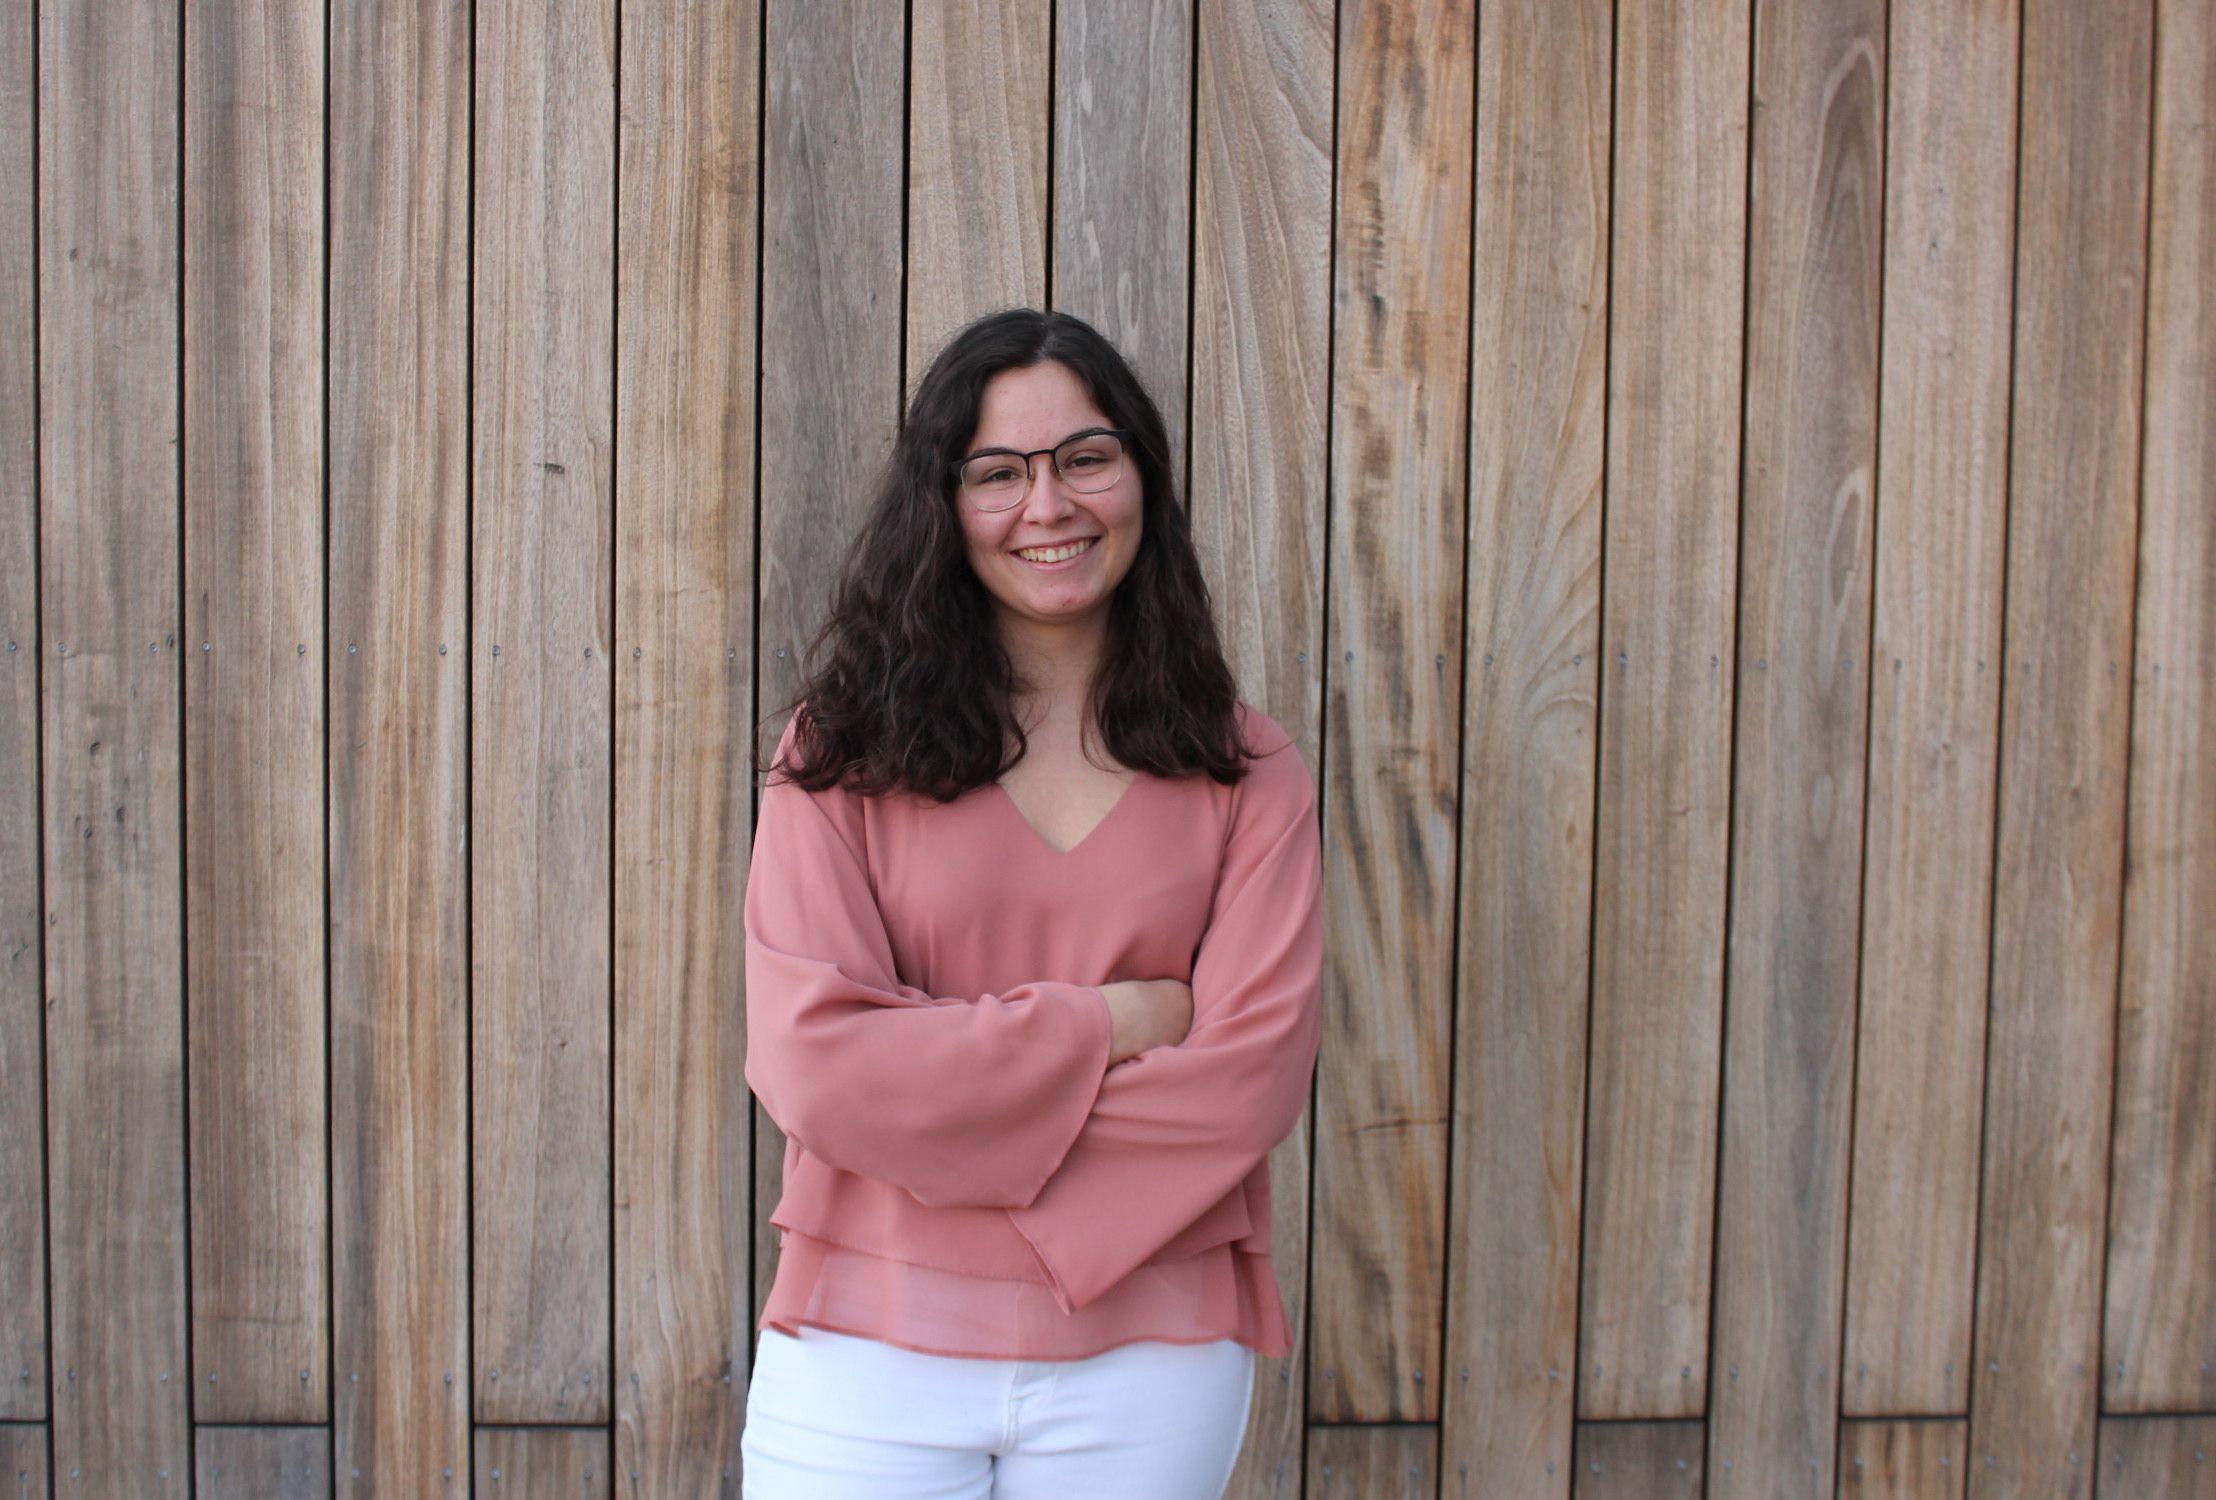 Marina Redondo, delegada general de la CEU UCH en el curso 2019-20.